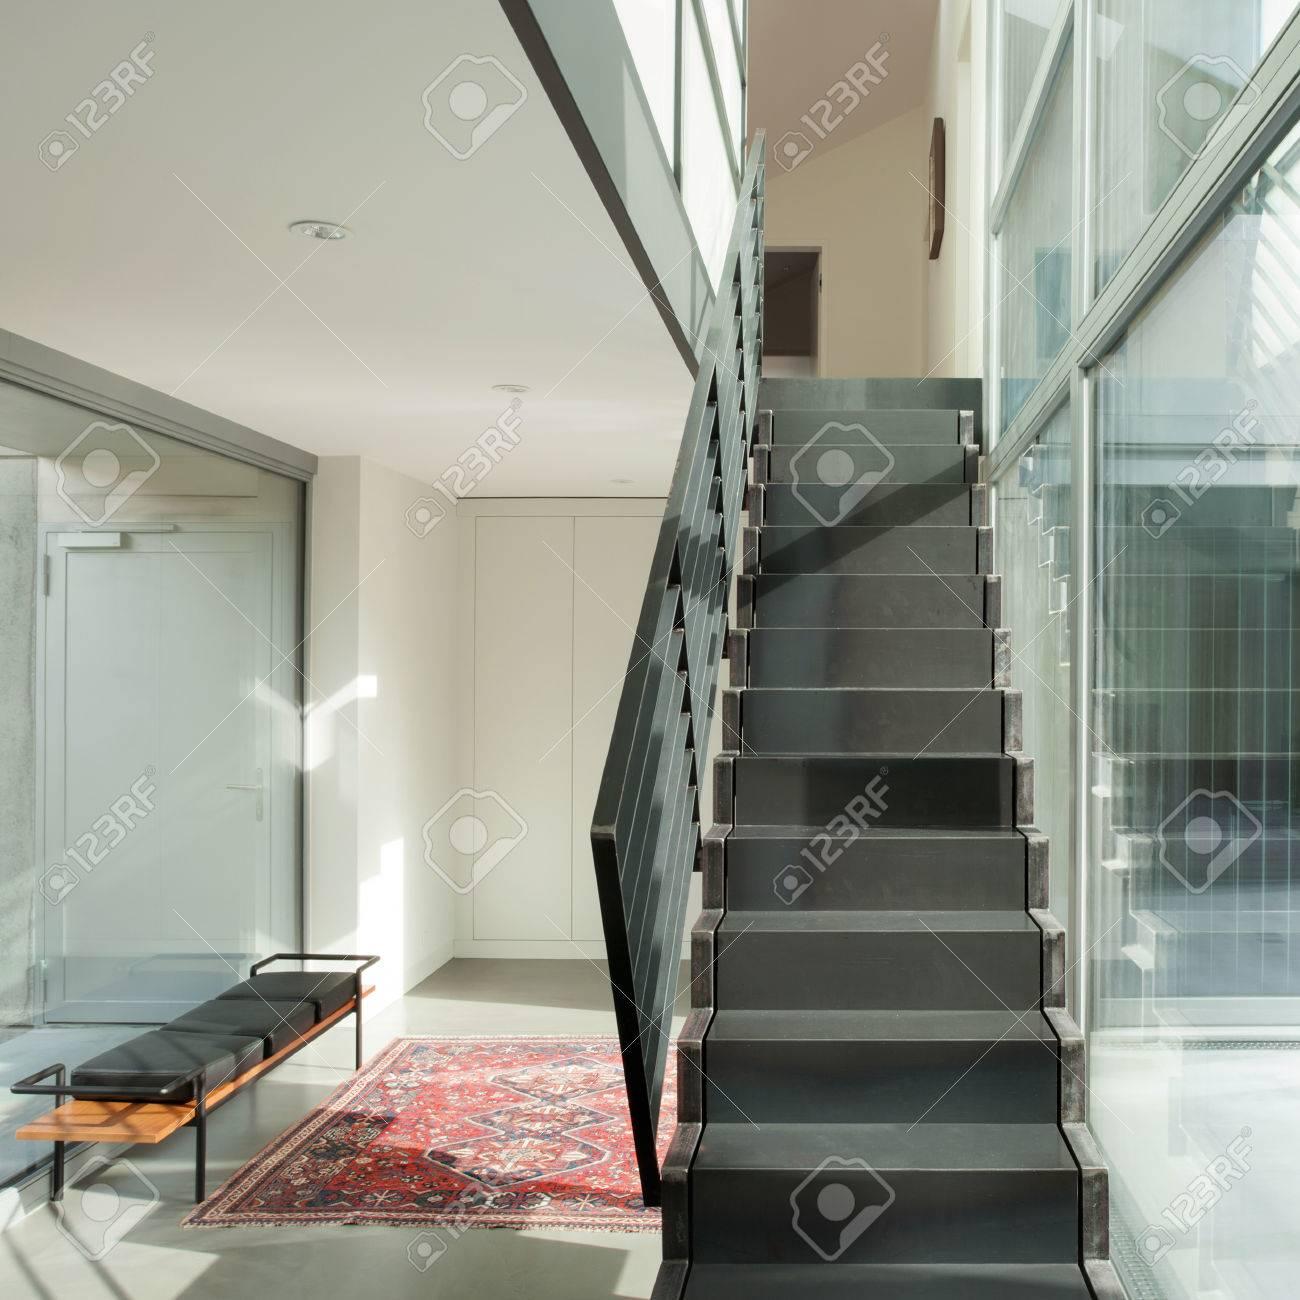 Interieur D Une Maison Moderne Hall D Entree Avec Escalier En Fer